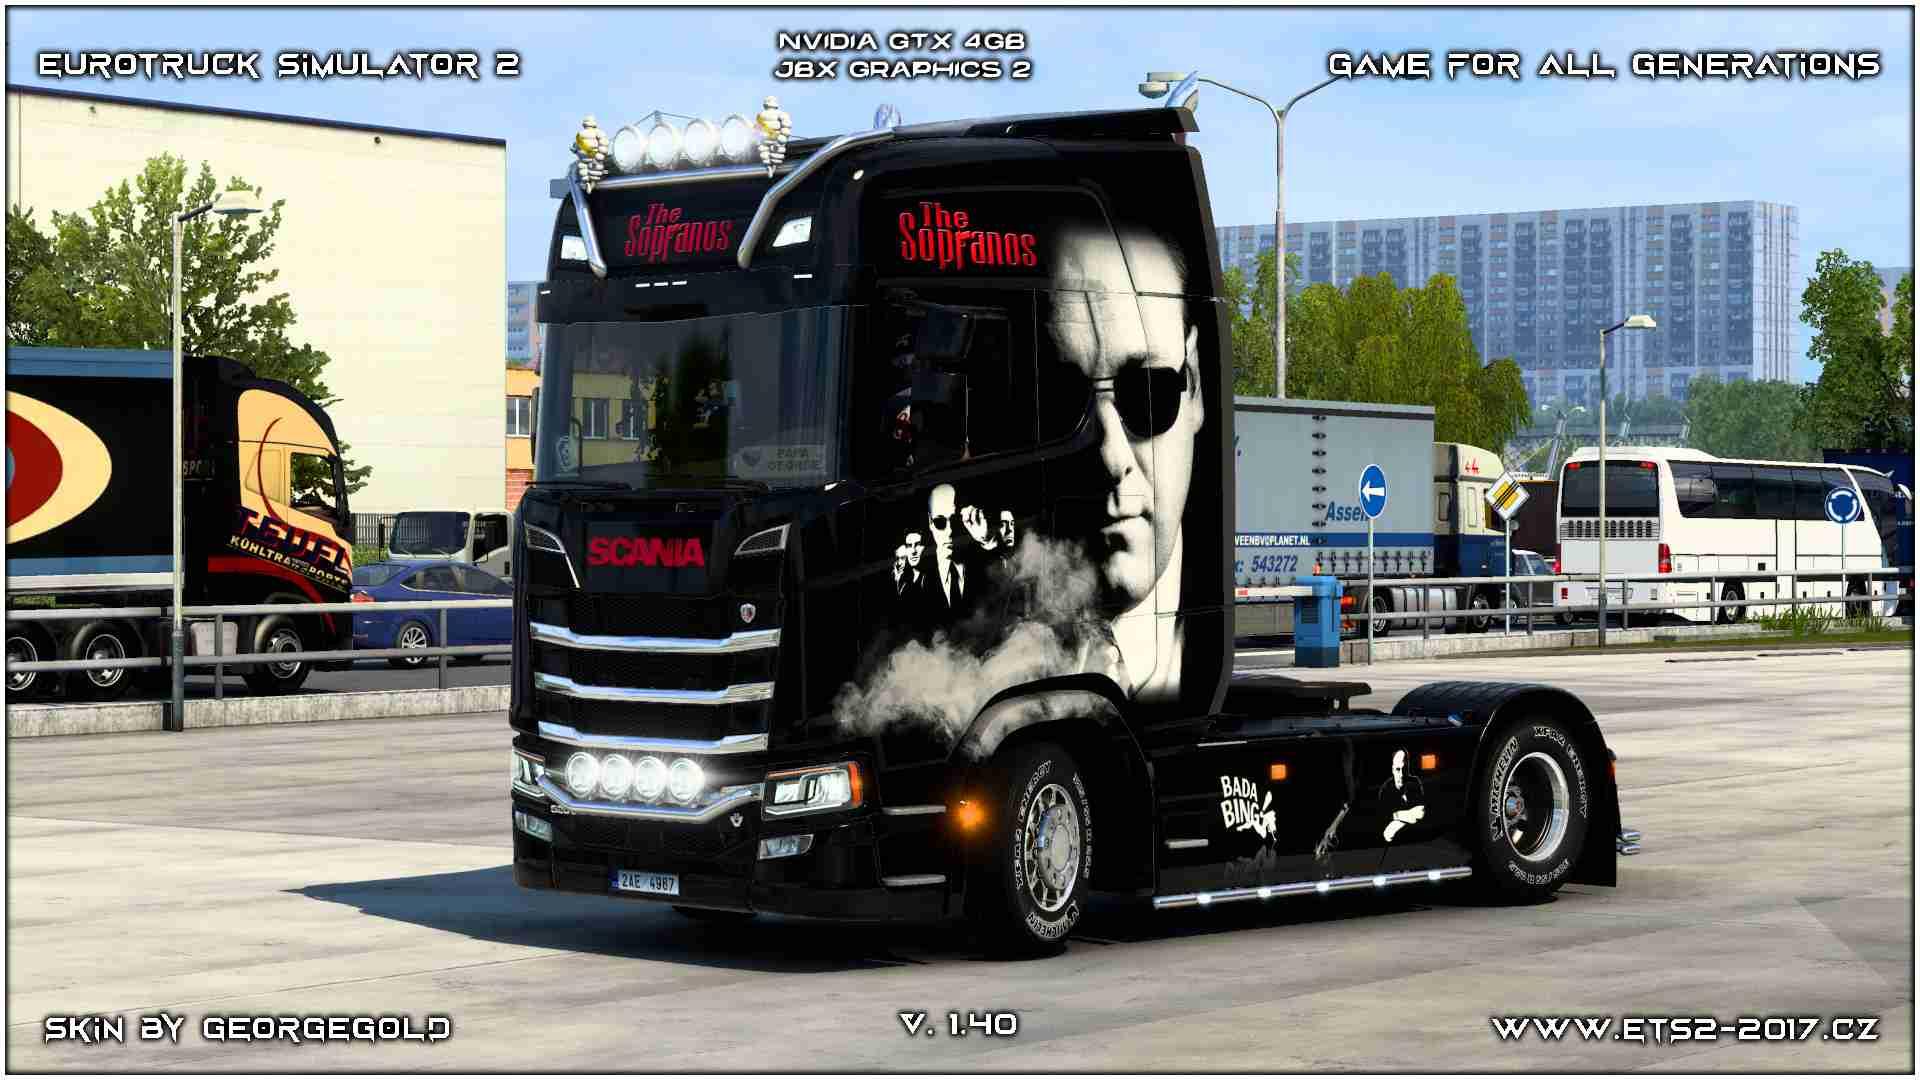 Scania S NG Sopranos